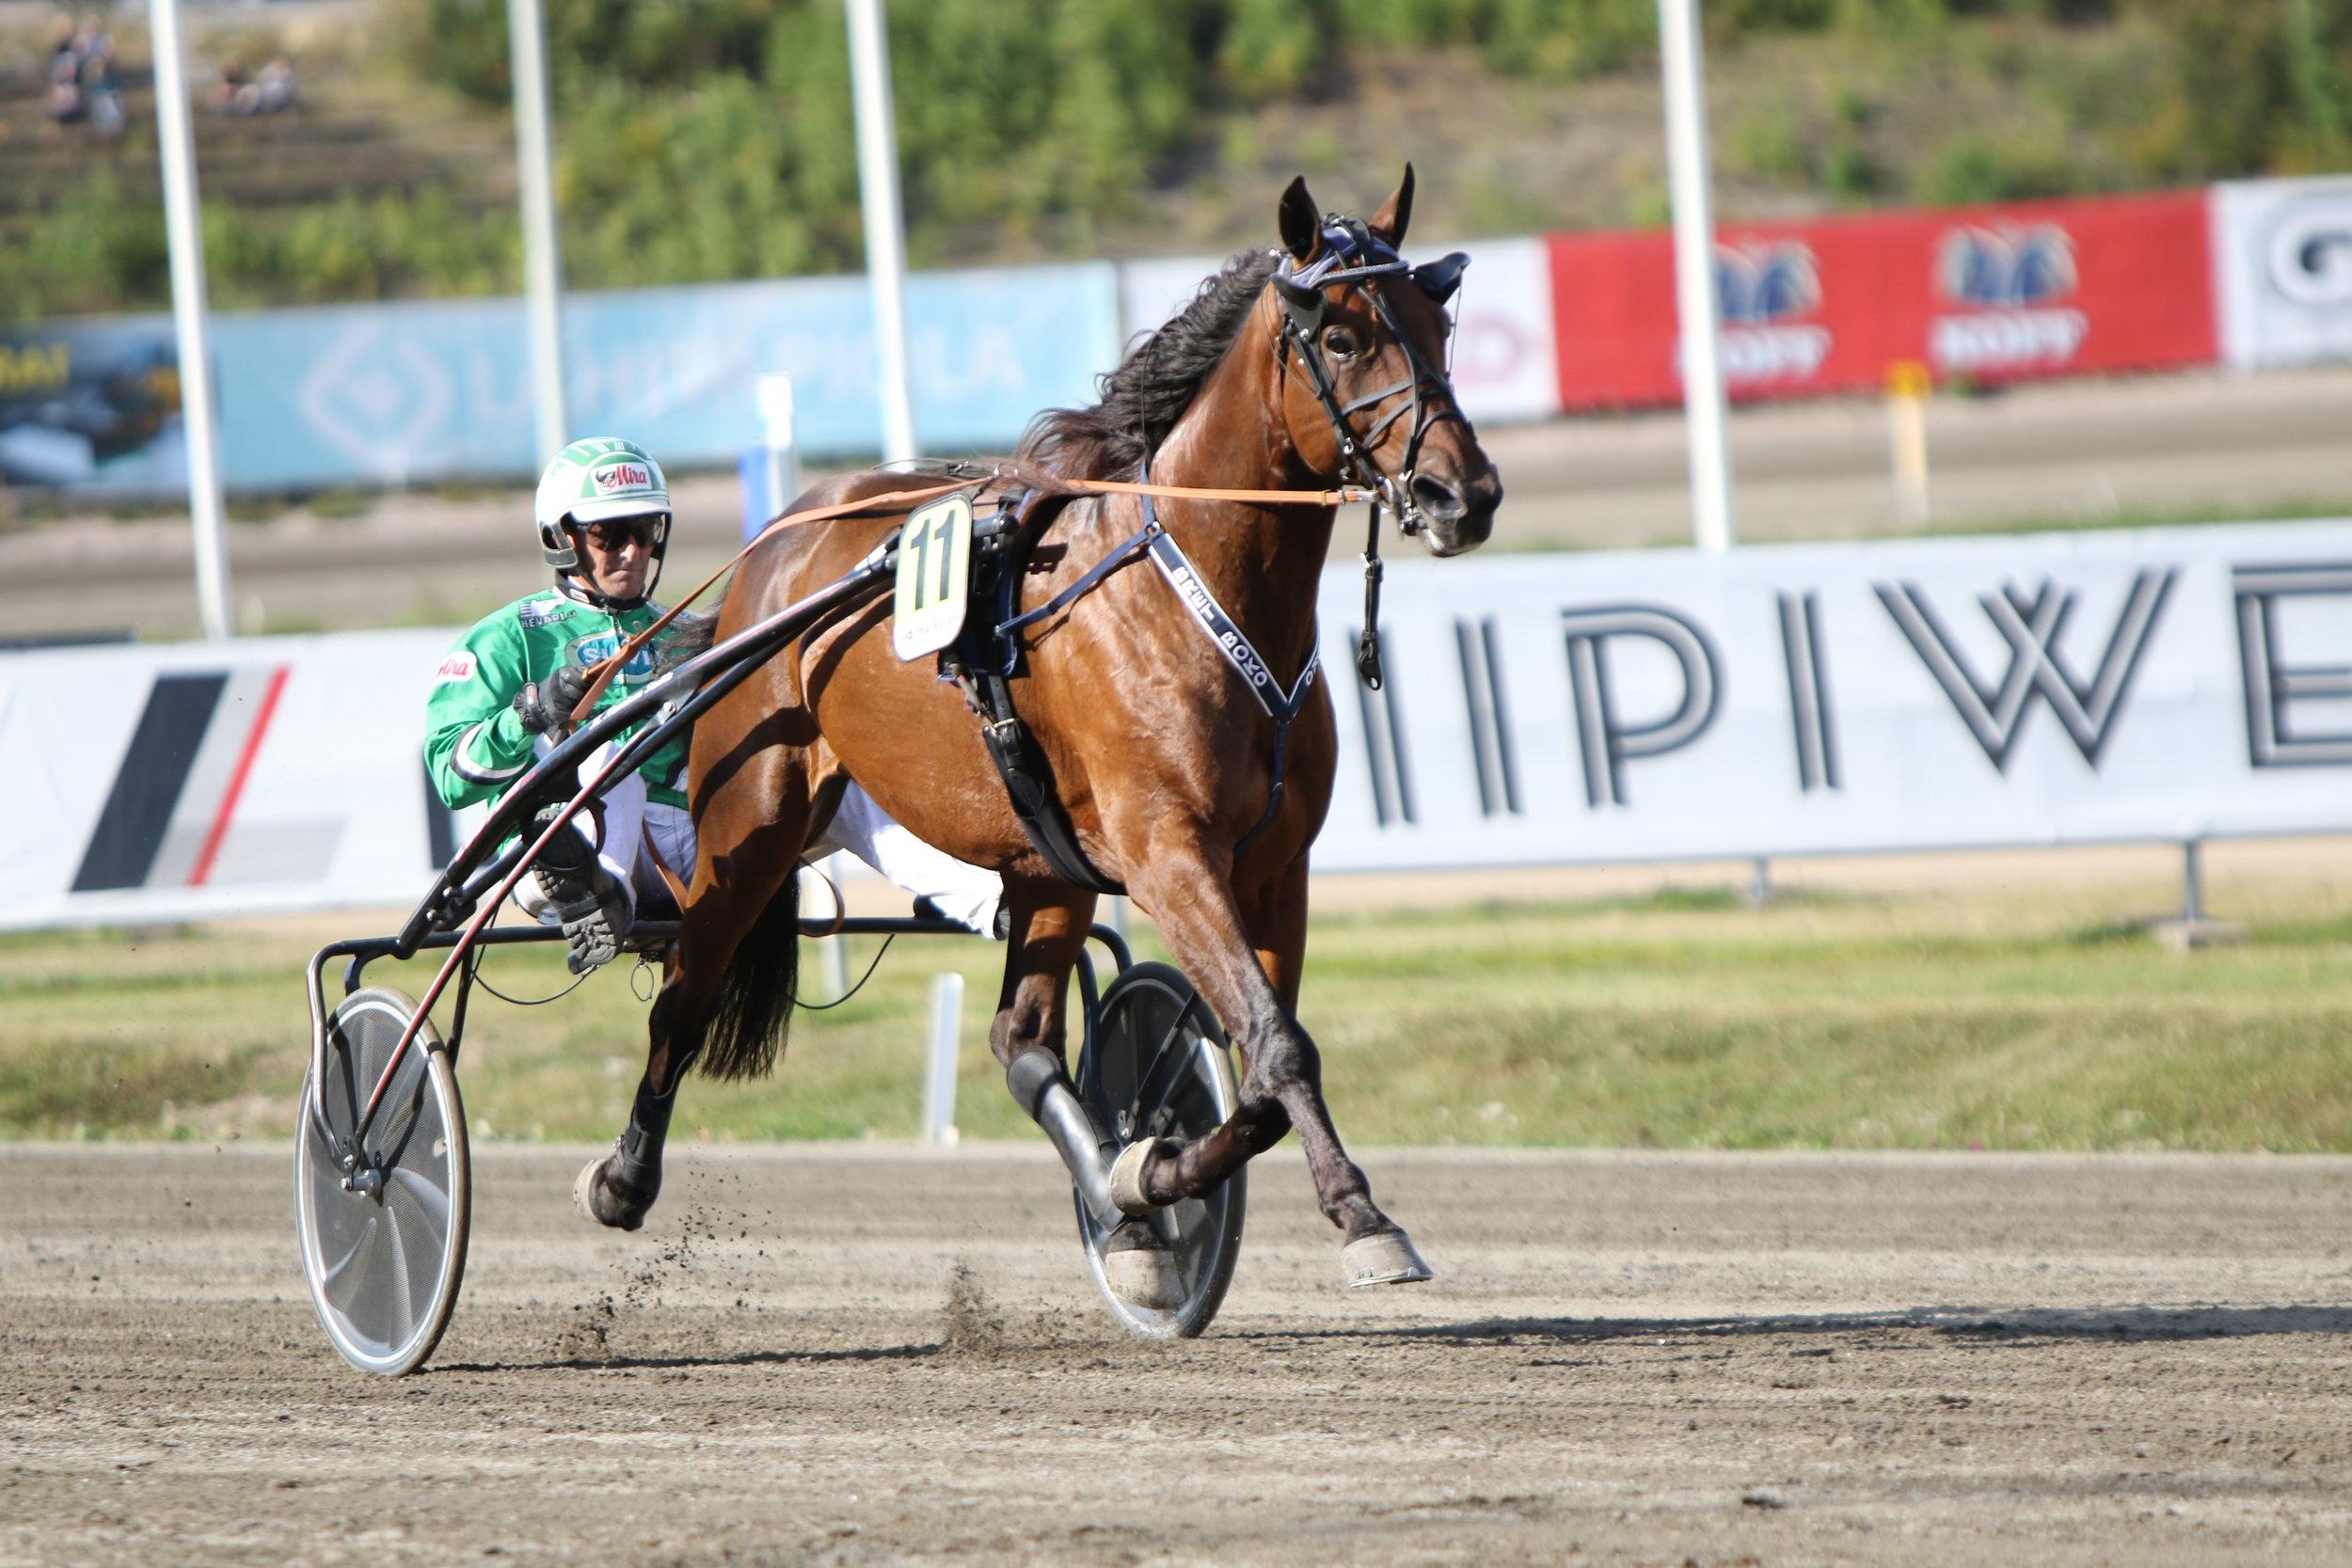 Ari Moilasen ohjastamasta Bret Bokosta on povattu mestaruussuosikkia jo ennen Kavioliiga-kauden alkua. Urheilutoimittajain liiton puheenjohtaja Kari Linna kuuluu hevosen osaomistajiin.